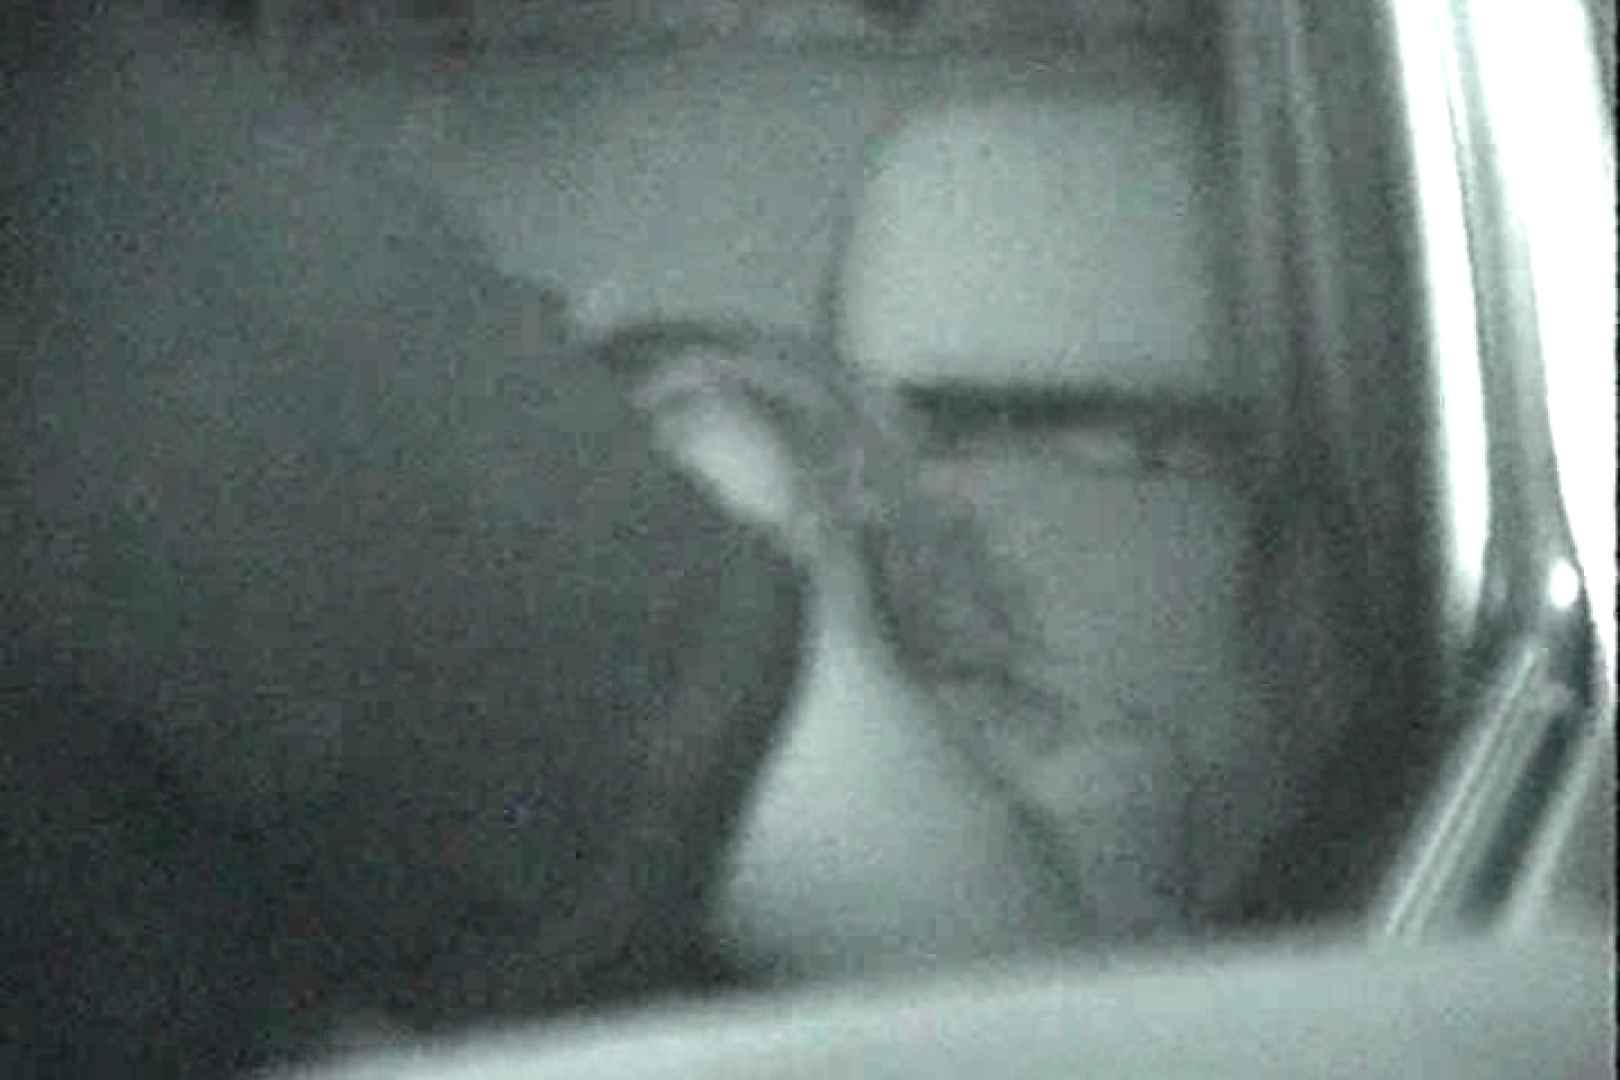 充血監督の深夜の運動会Vol.40 エロティックなOL 盗撮画像 90画像 78